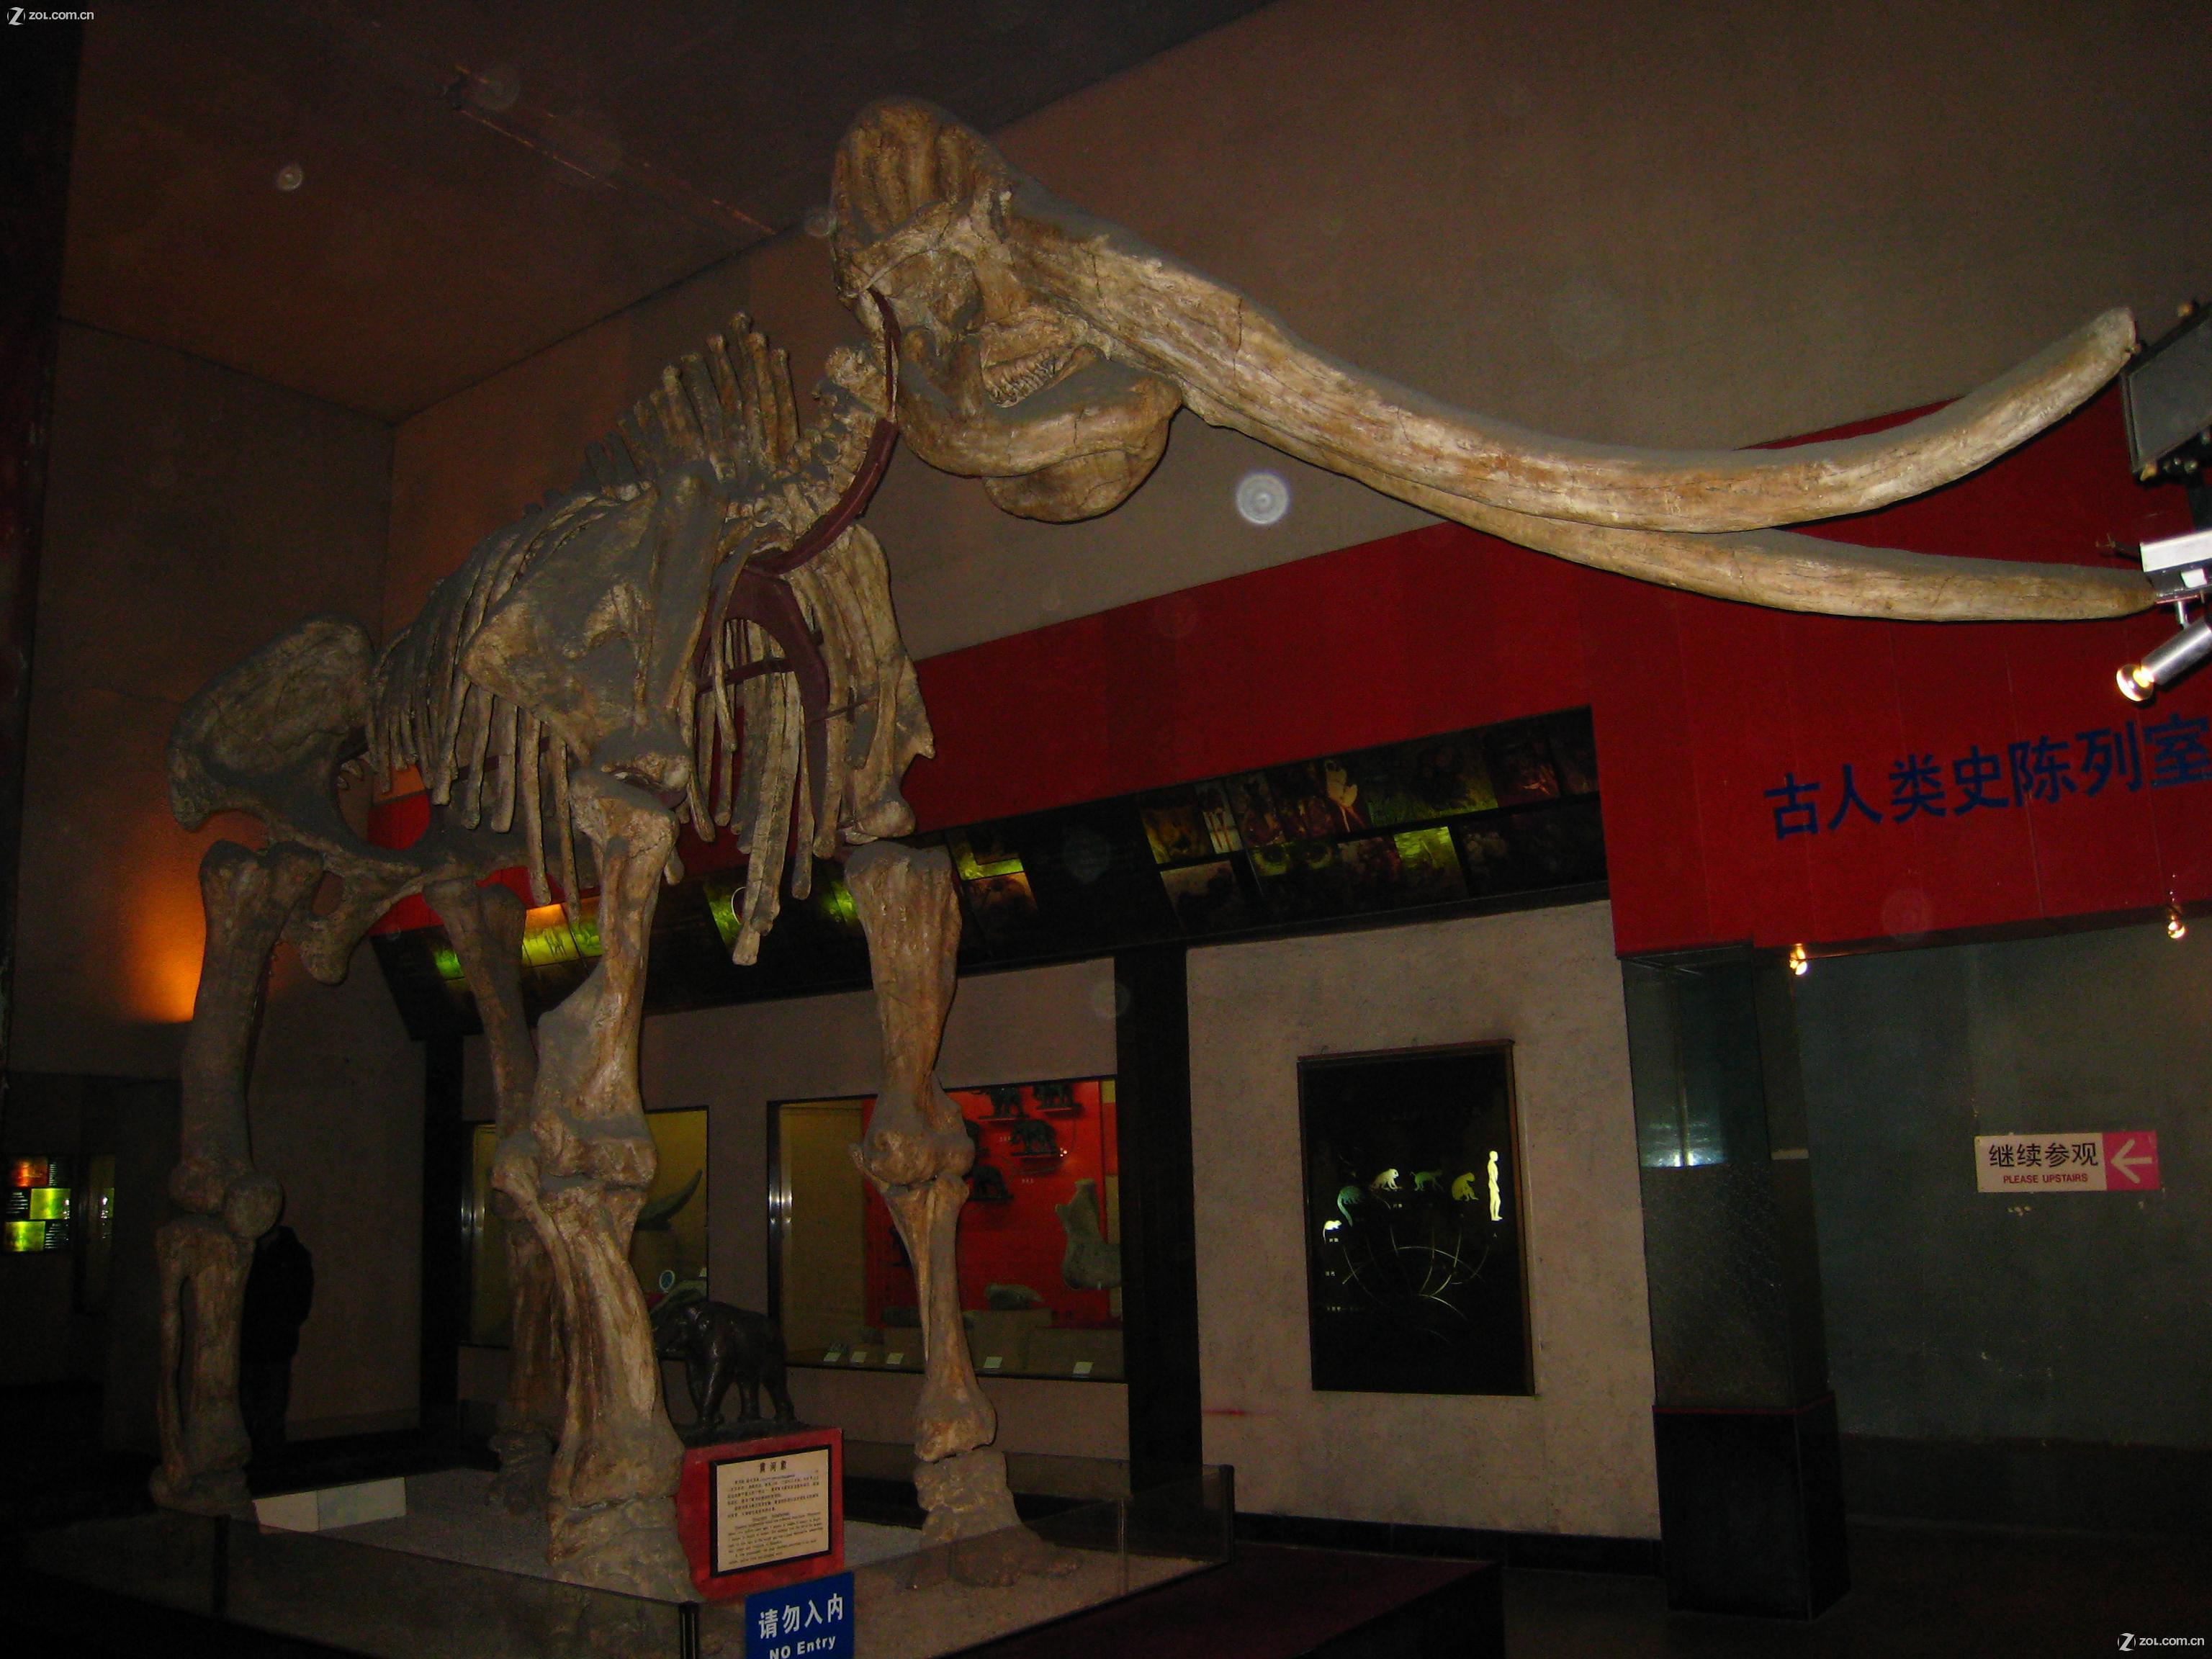 【上海自然博物馆】-动物植物论坛-zol中关村在线